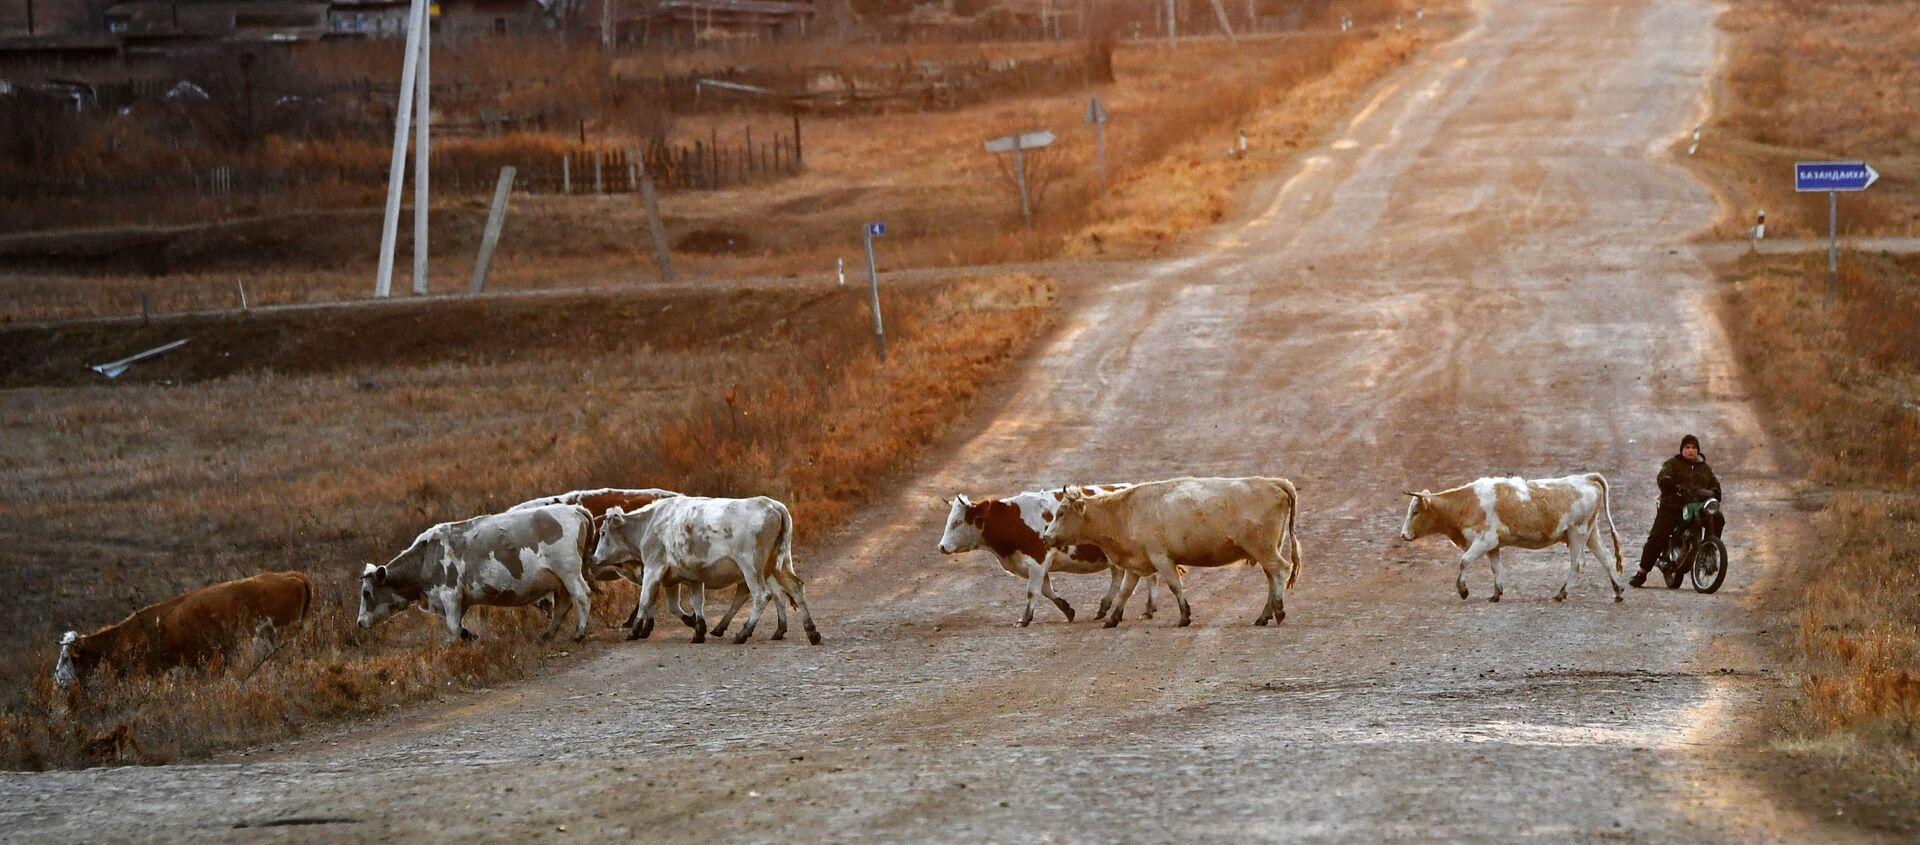 Пастух на мотоцикле и коровы возвращаются со степного пастбищ около деревни Сарагаш в Республике Хакасия - Sputnik Узбекистан, 1920, 26.02.2021